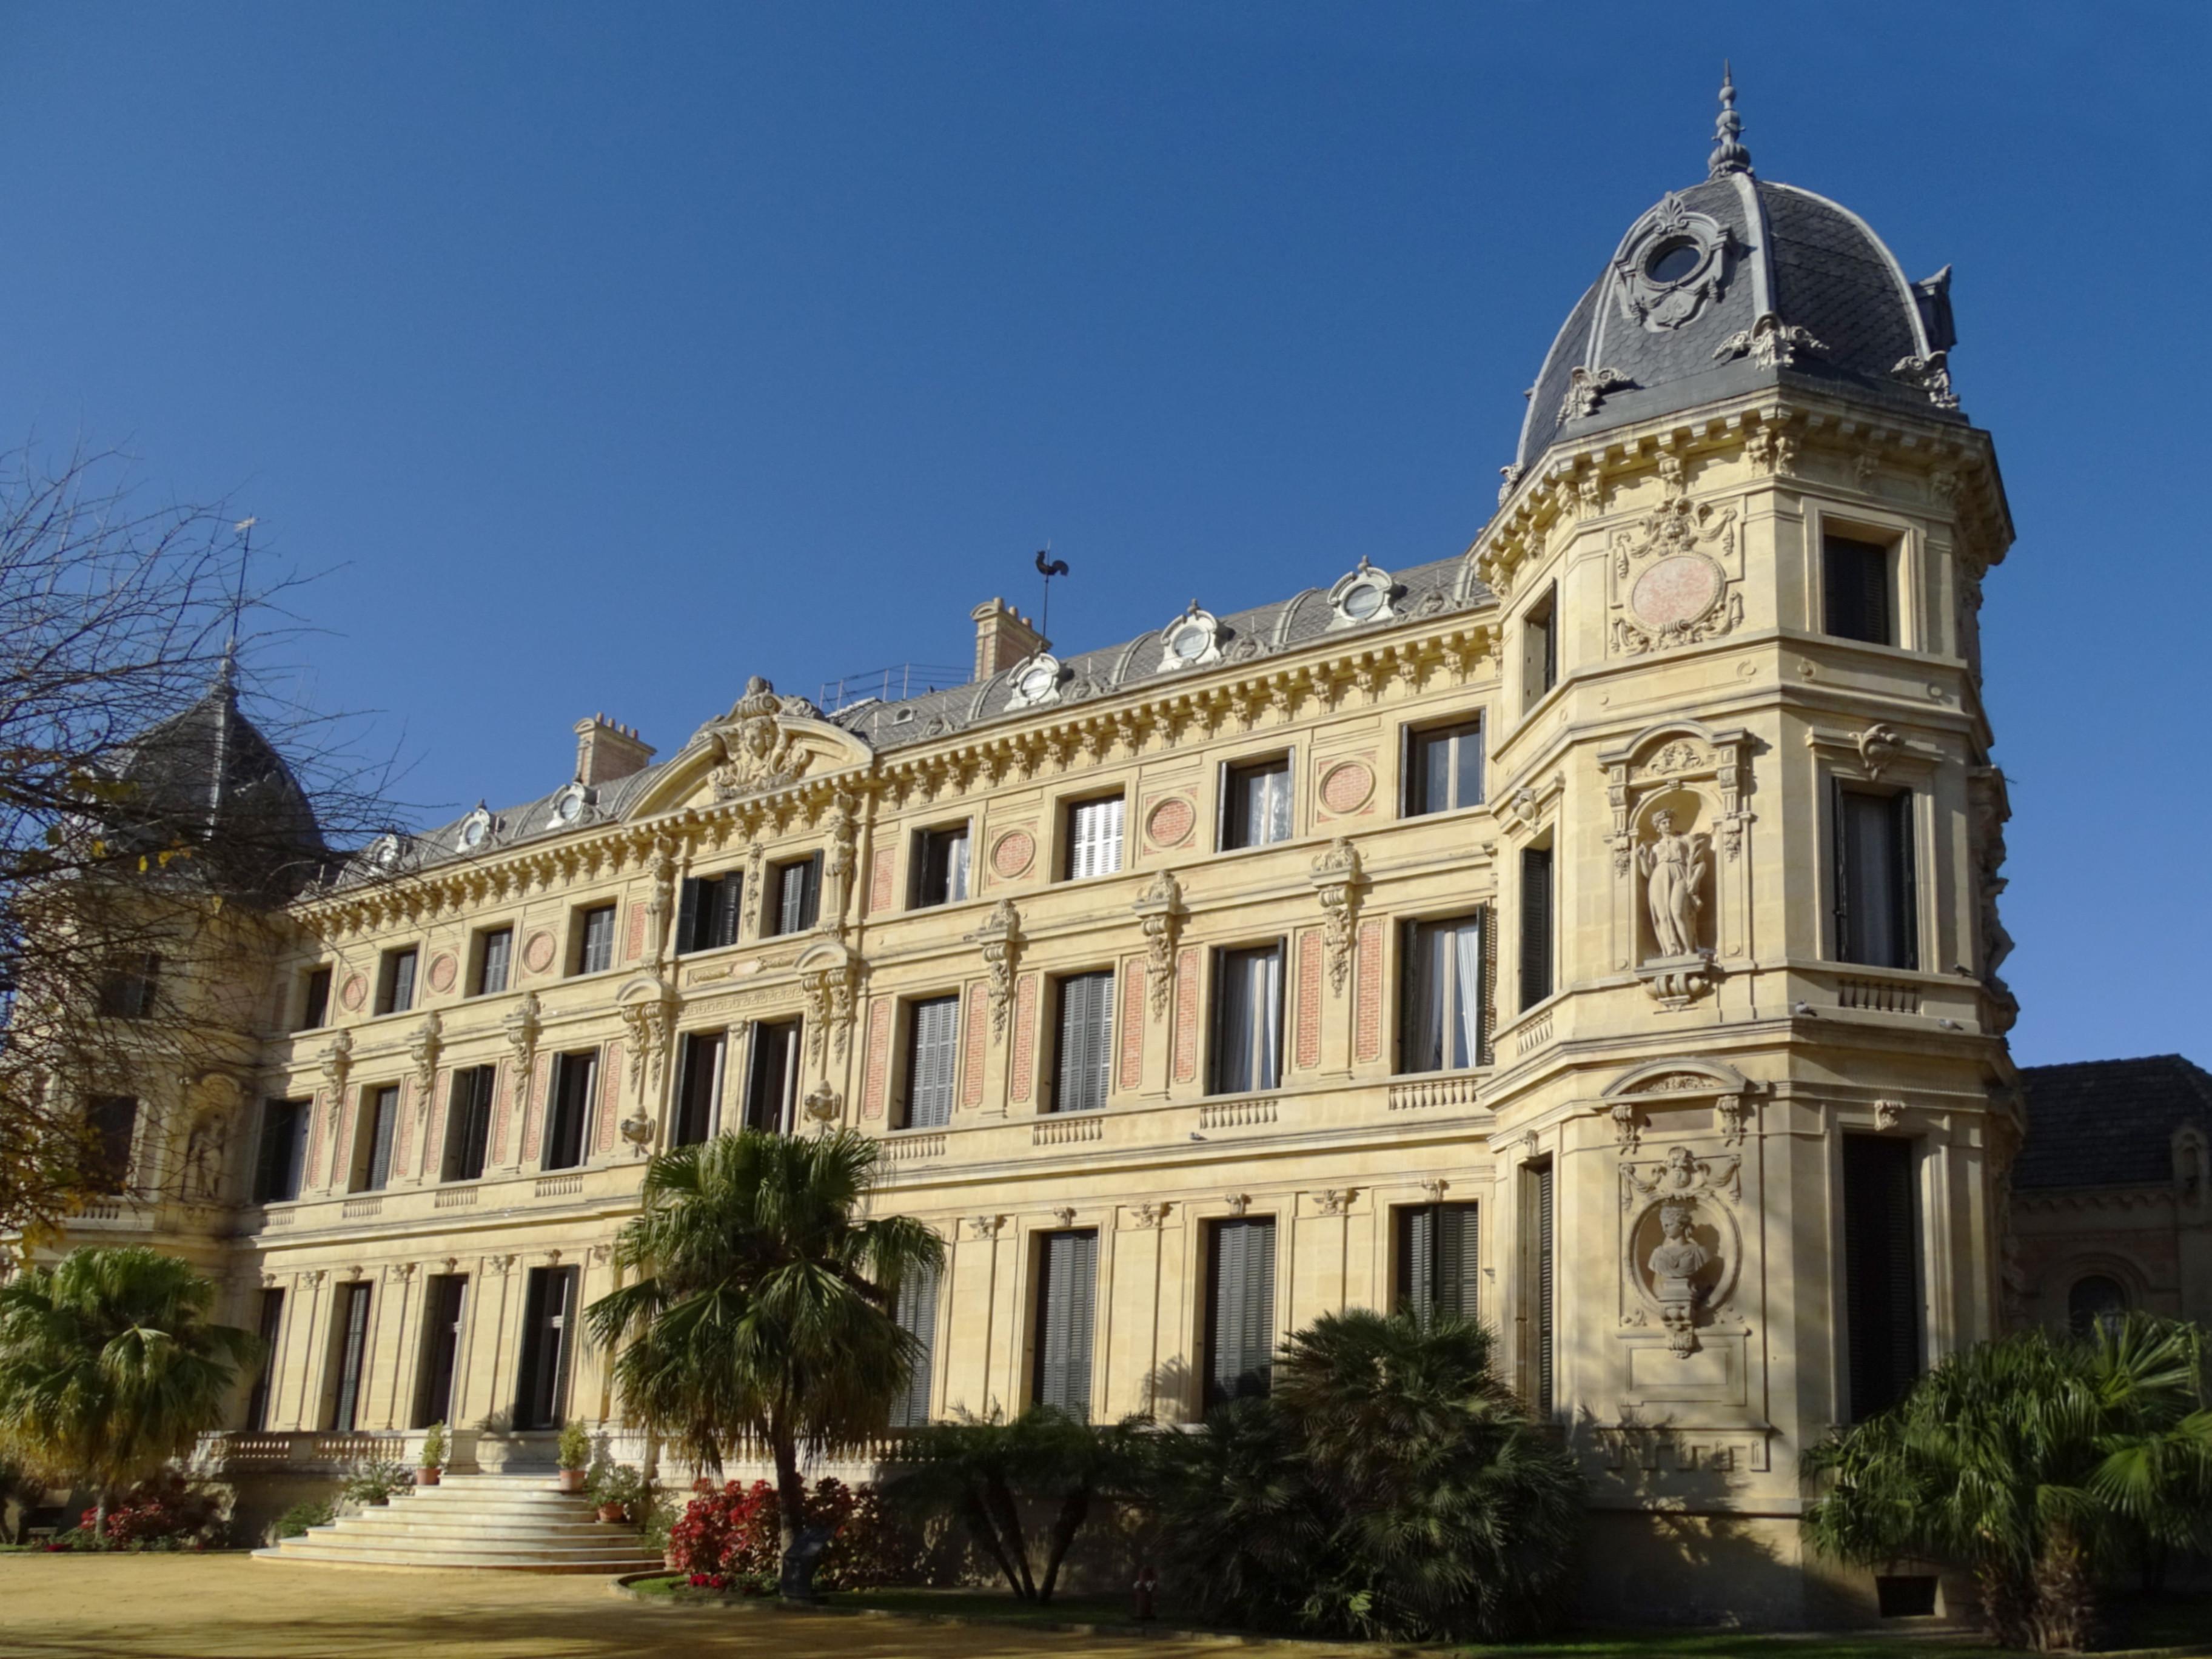 edificio exterior Palacio Duque de Abrantes Jerez de la Frontera Cadiz